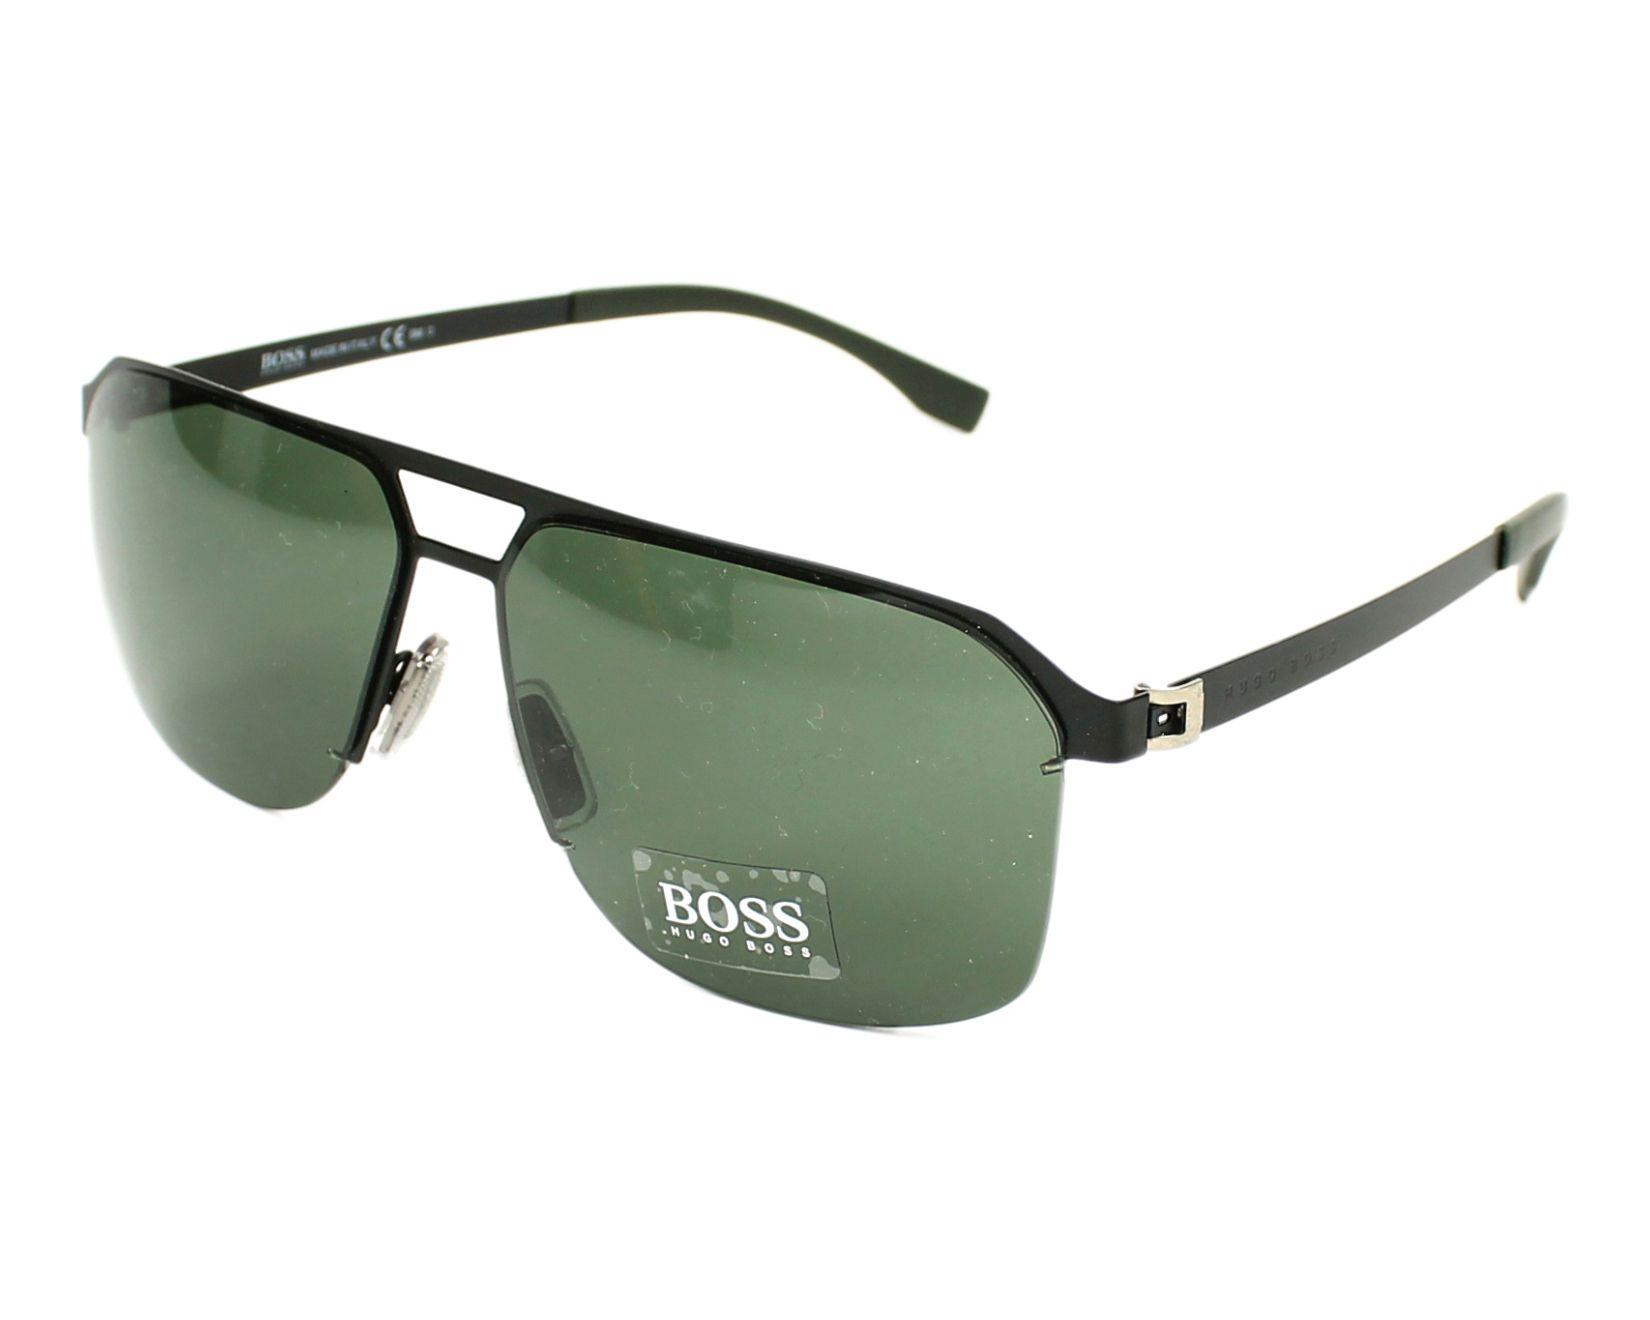 d11ad0d5818cc Sunglasses Hugo Boss BOSS-0839-S 003 85 61-14 Gun profile